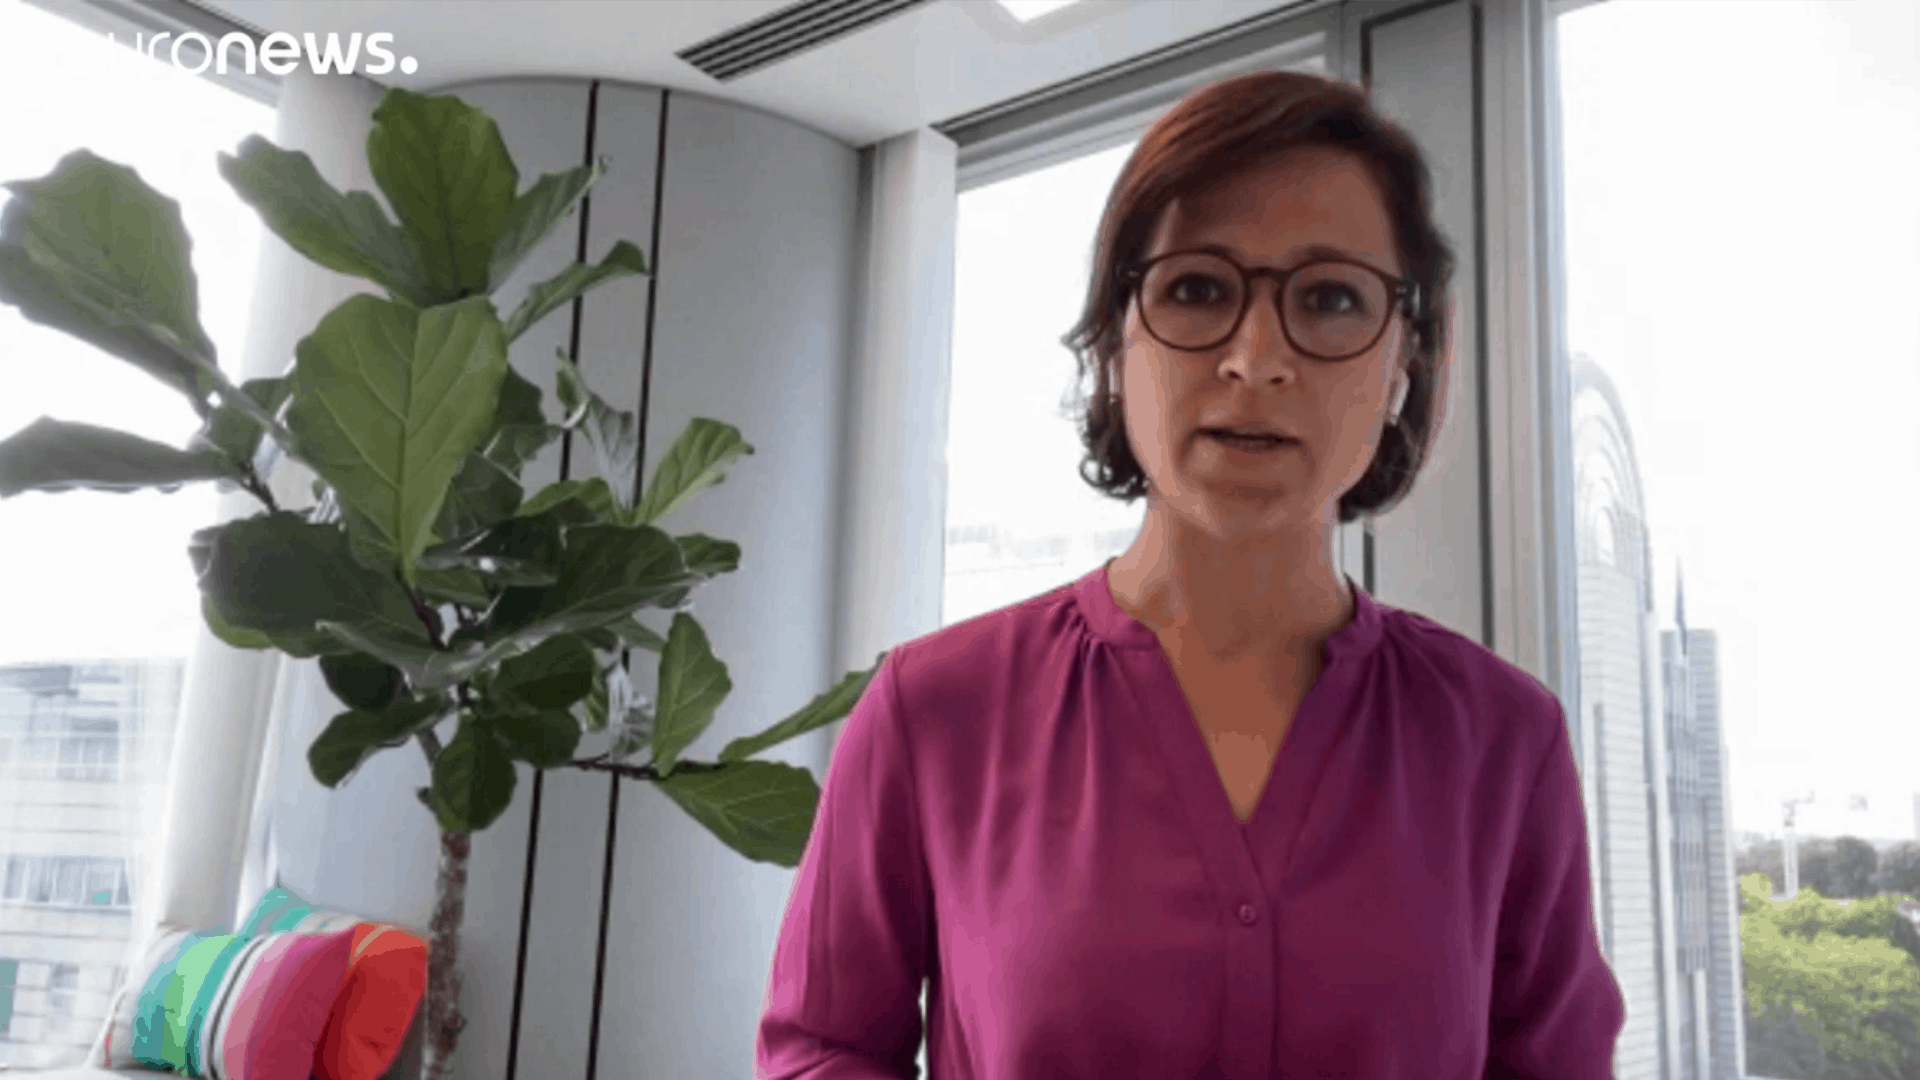 Versorgungssicherheit in Zeiten von Corona - Mein Interview mit euronews